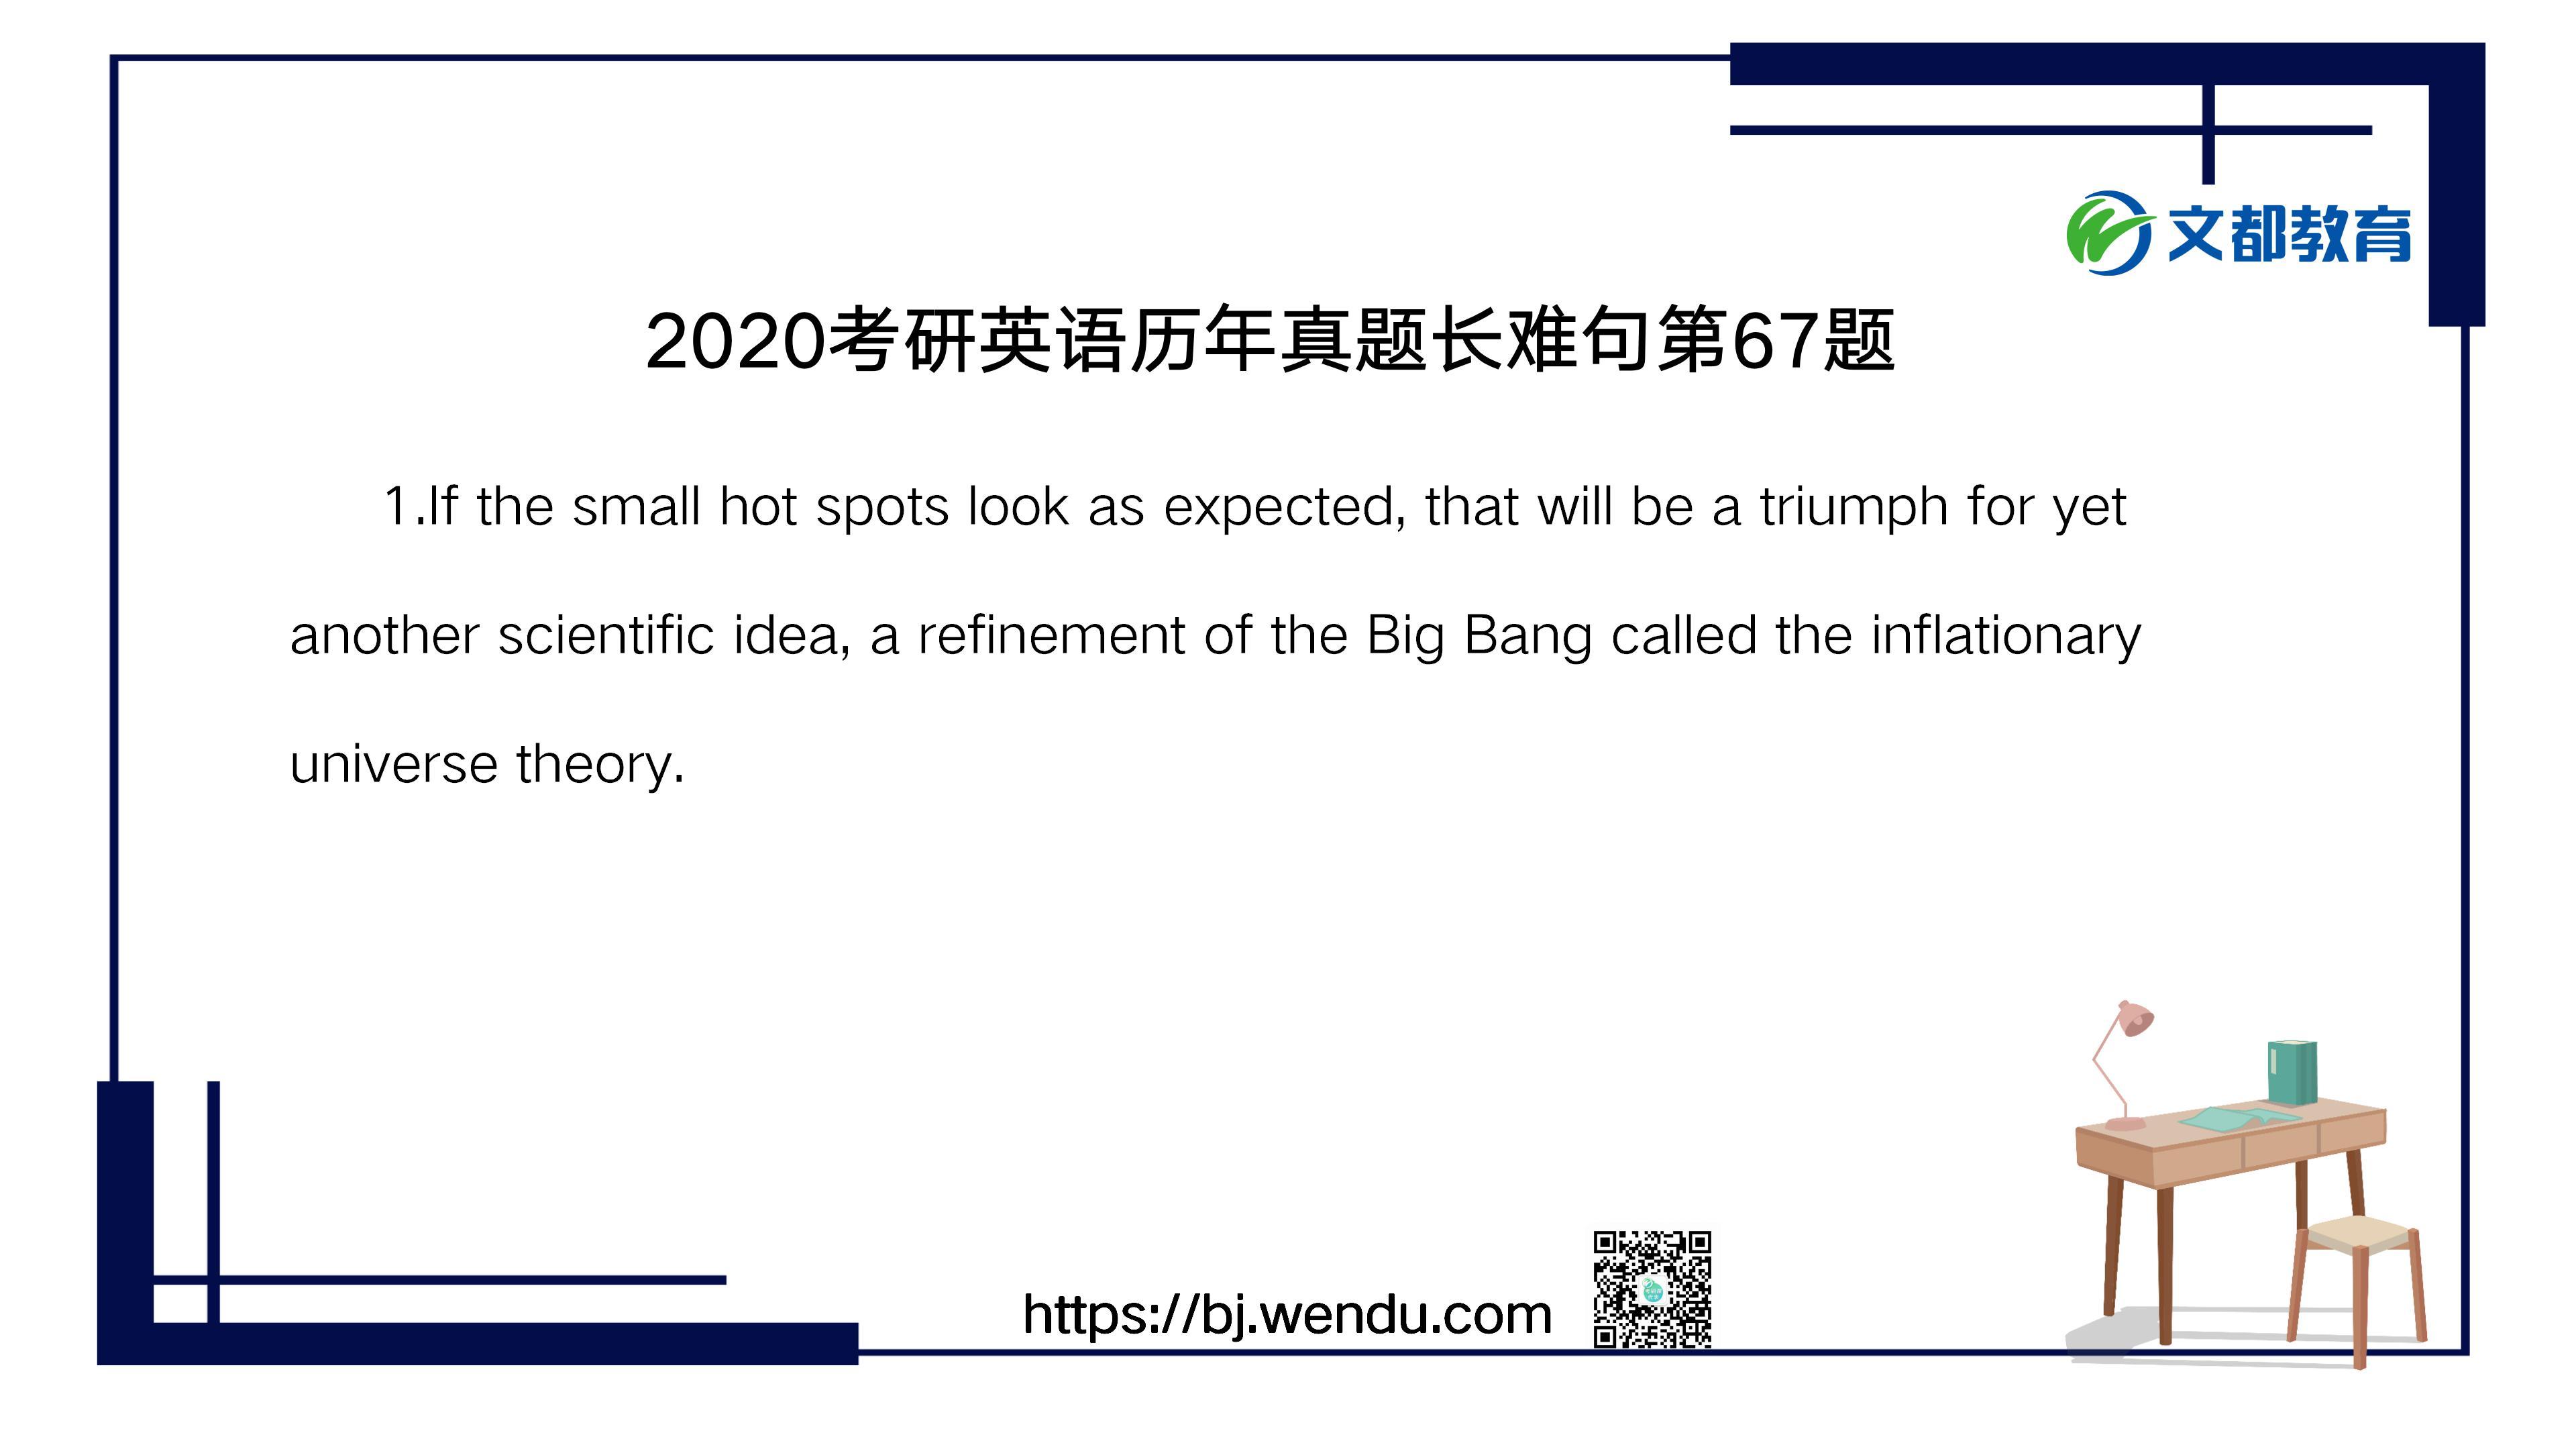 2020考研英语历年真题长难句第67题